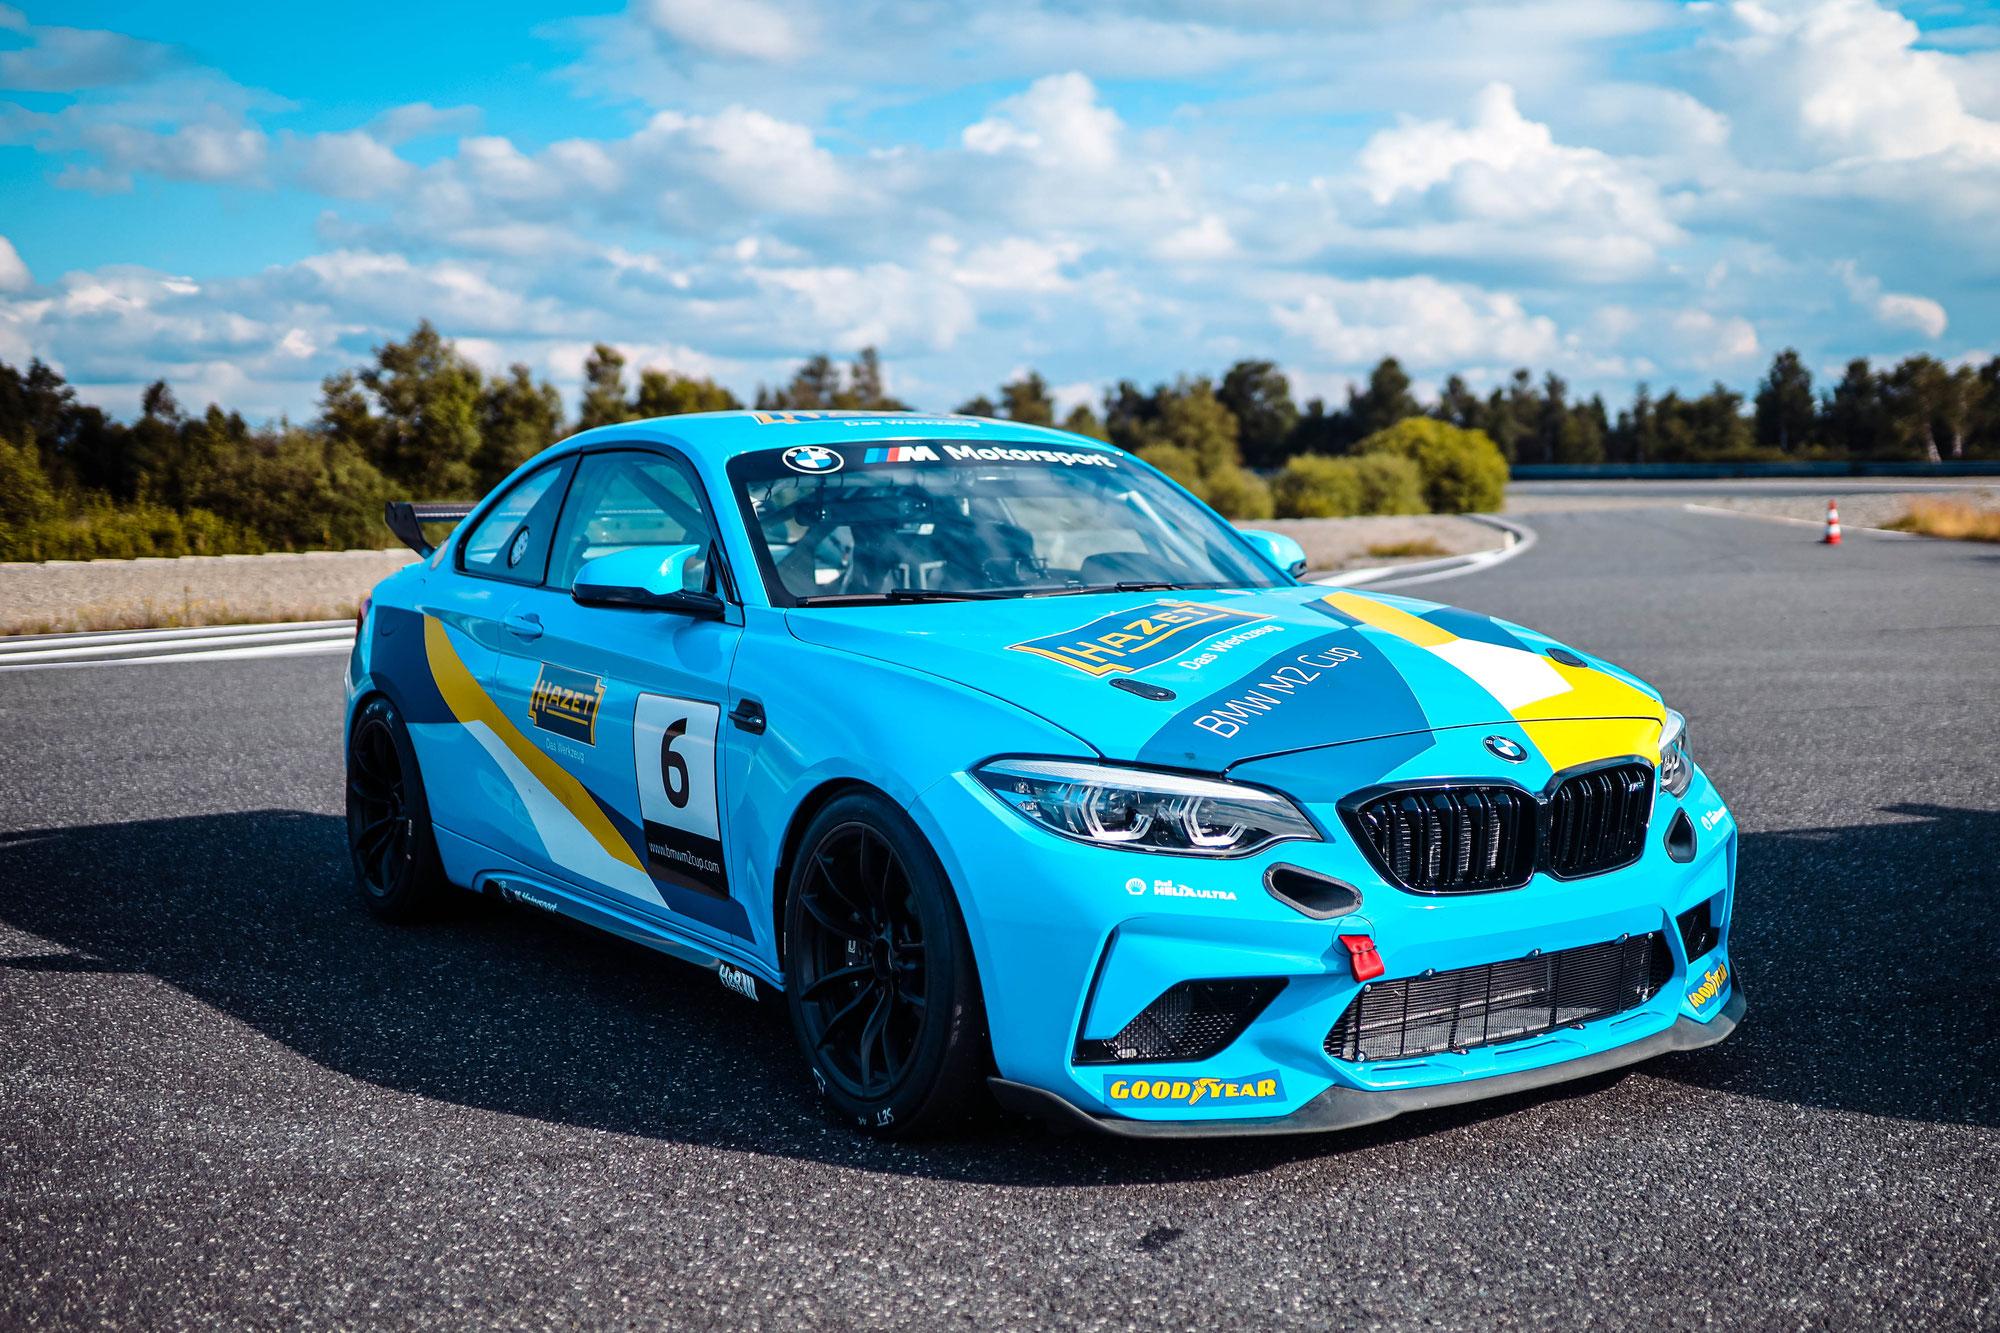 ALLES AUF GRÜN: SAISONAUFTAKT DES BMW M2 CUP